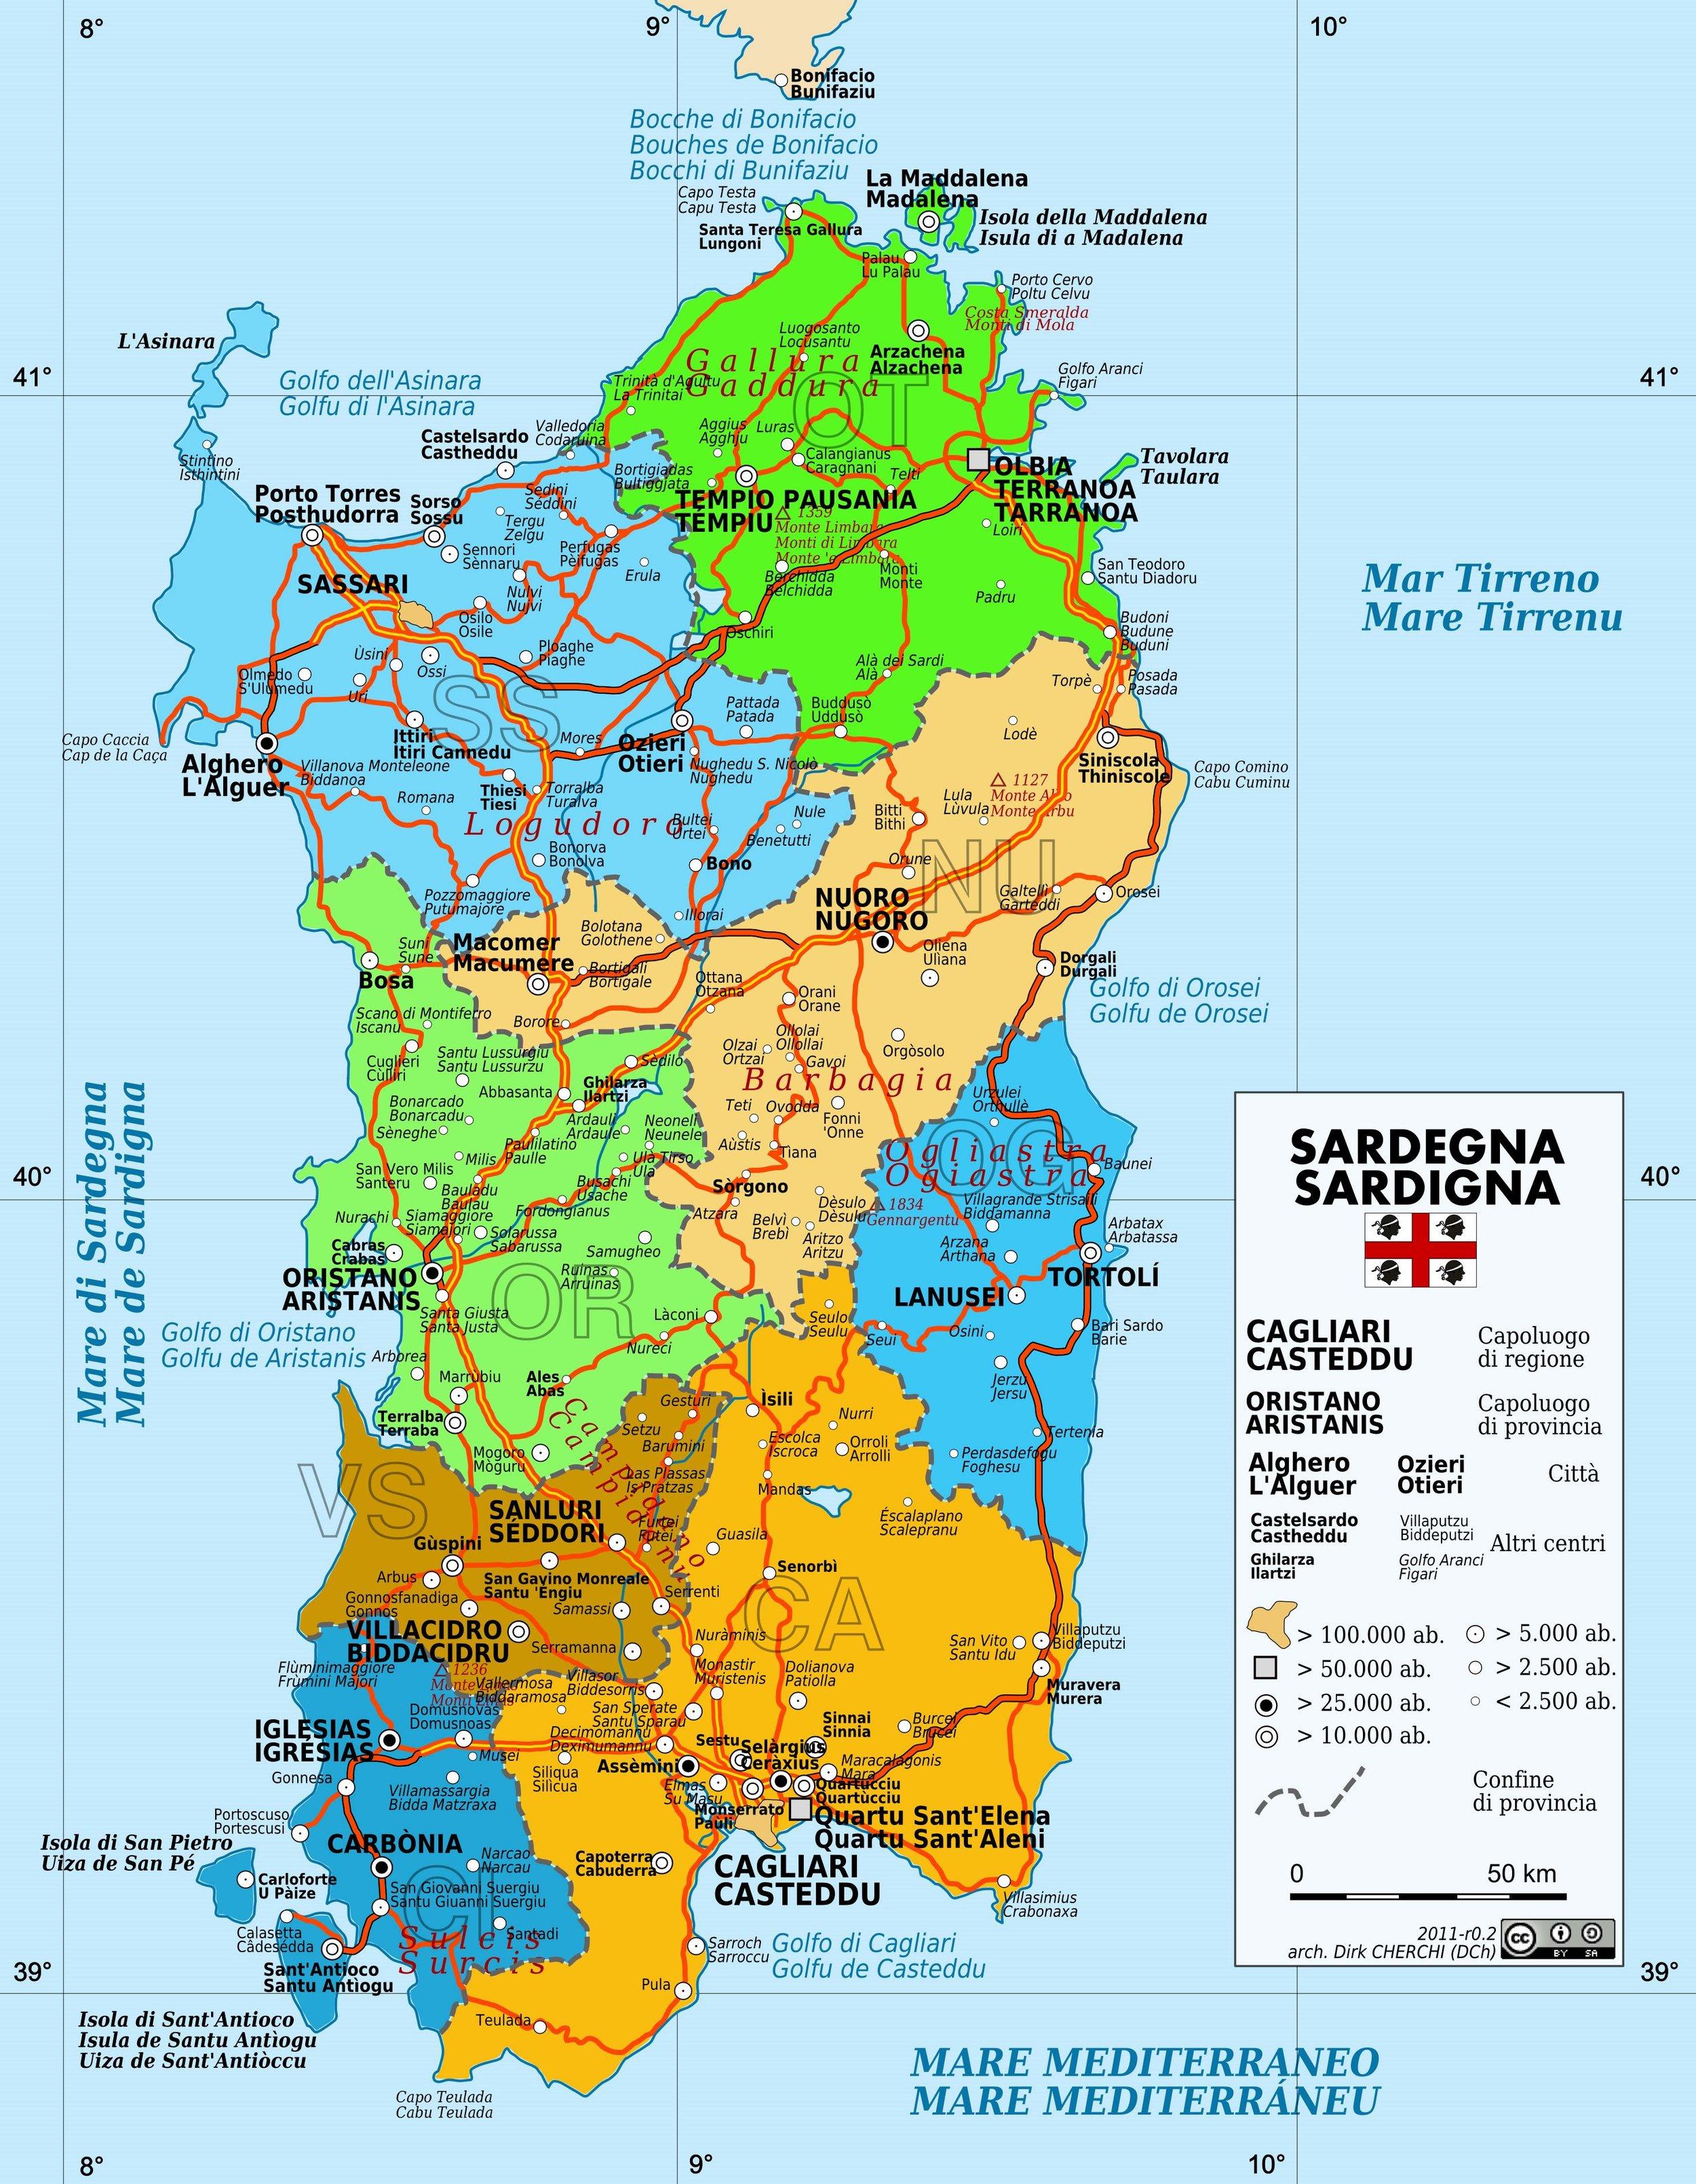 sardegna-map-0.jpg